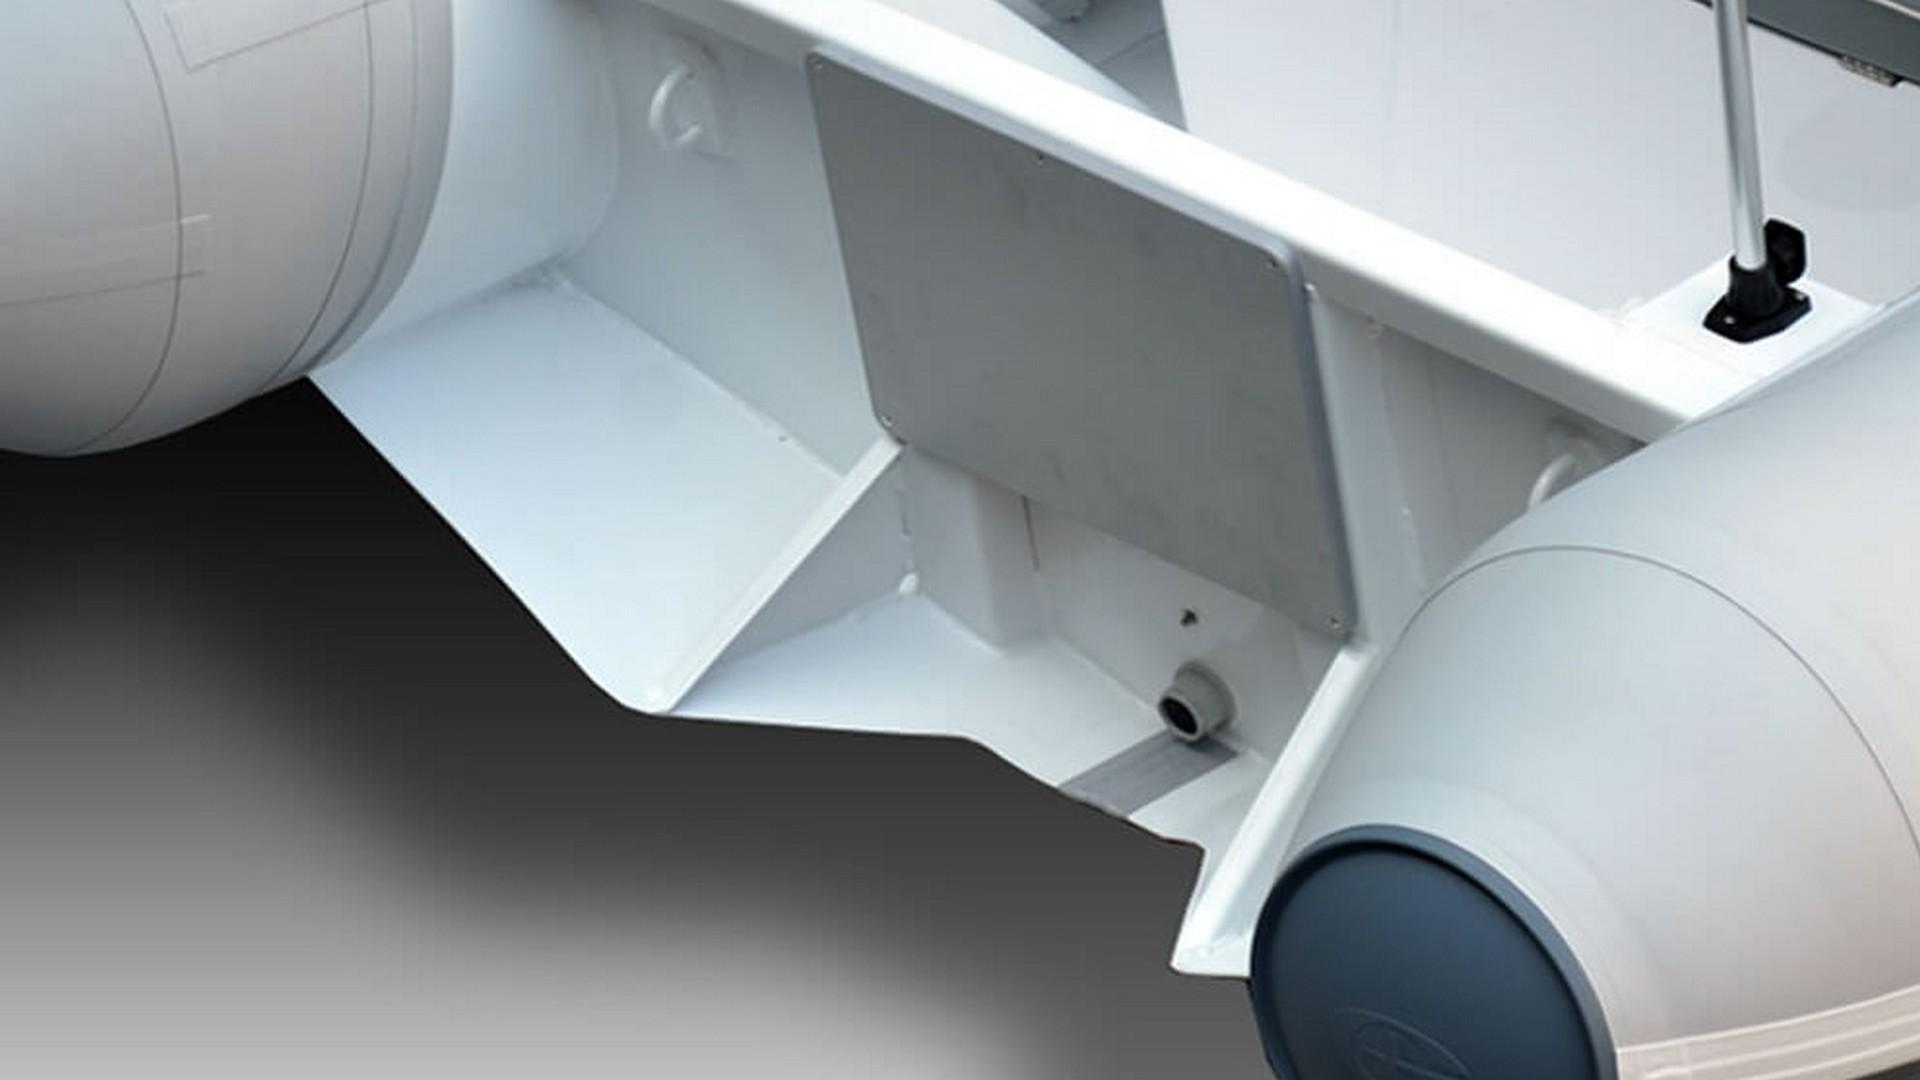 Надувная лодка с жестким алюминиевым дном GALA Atlantis A240, Надувная лодка с жестким дном GALA Atlantis A240, Надувная лодка с жестким дном GALA A240, Надувная лодка GALA A240, Надувная лодка GALA A240, GALA A240, Надувная лодка GALA A240D, Надувная лодка GALA A240D, GALA A240D, лодка с жестким дном, алюминиевый риб, алюминиевый RIB, RIB, тендерная лодка, тендер для яхты